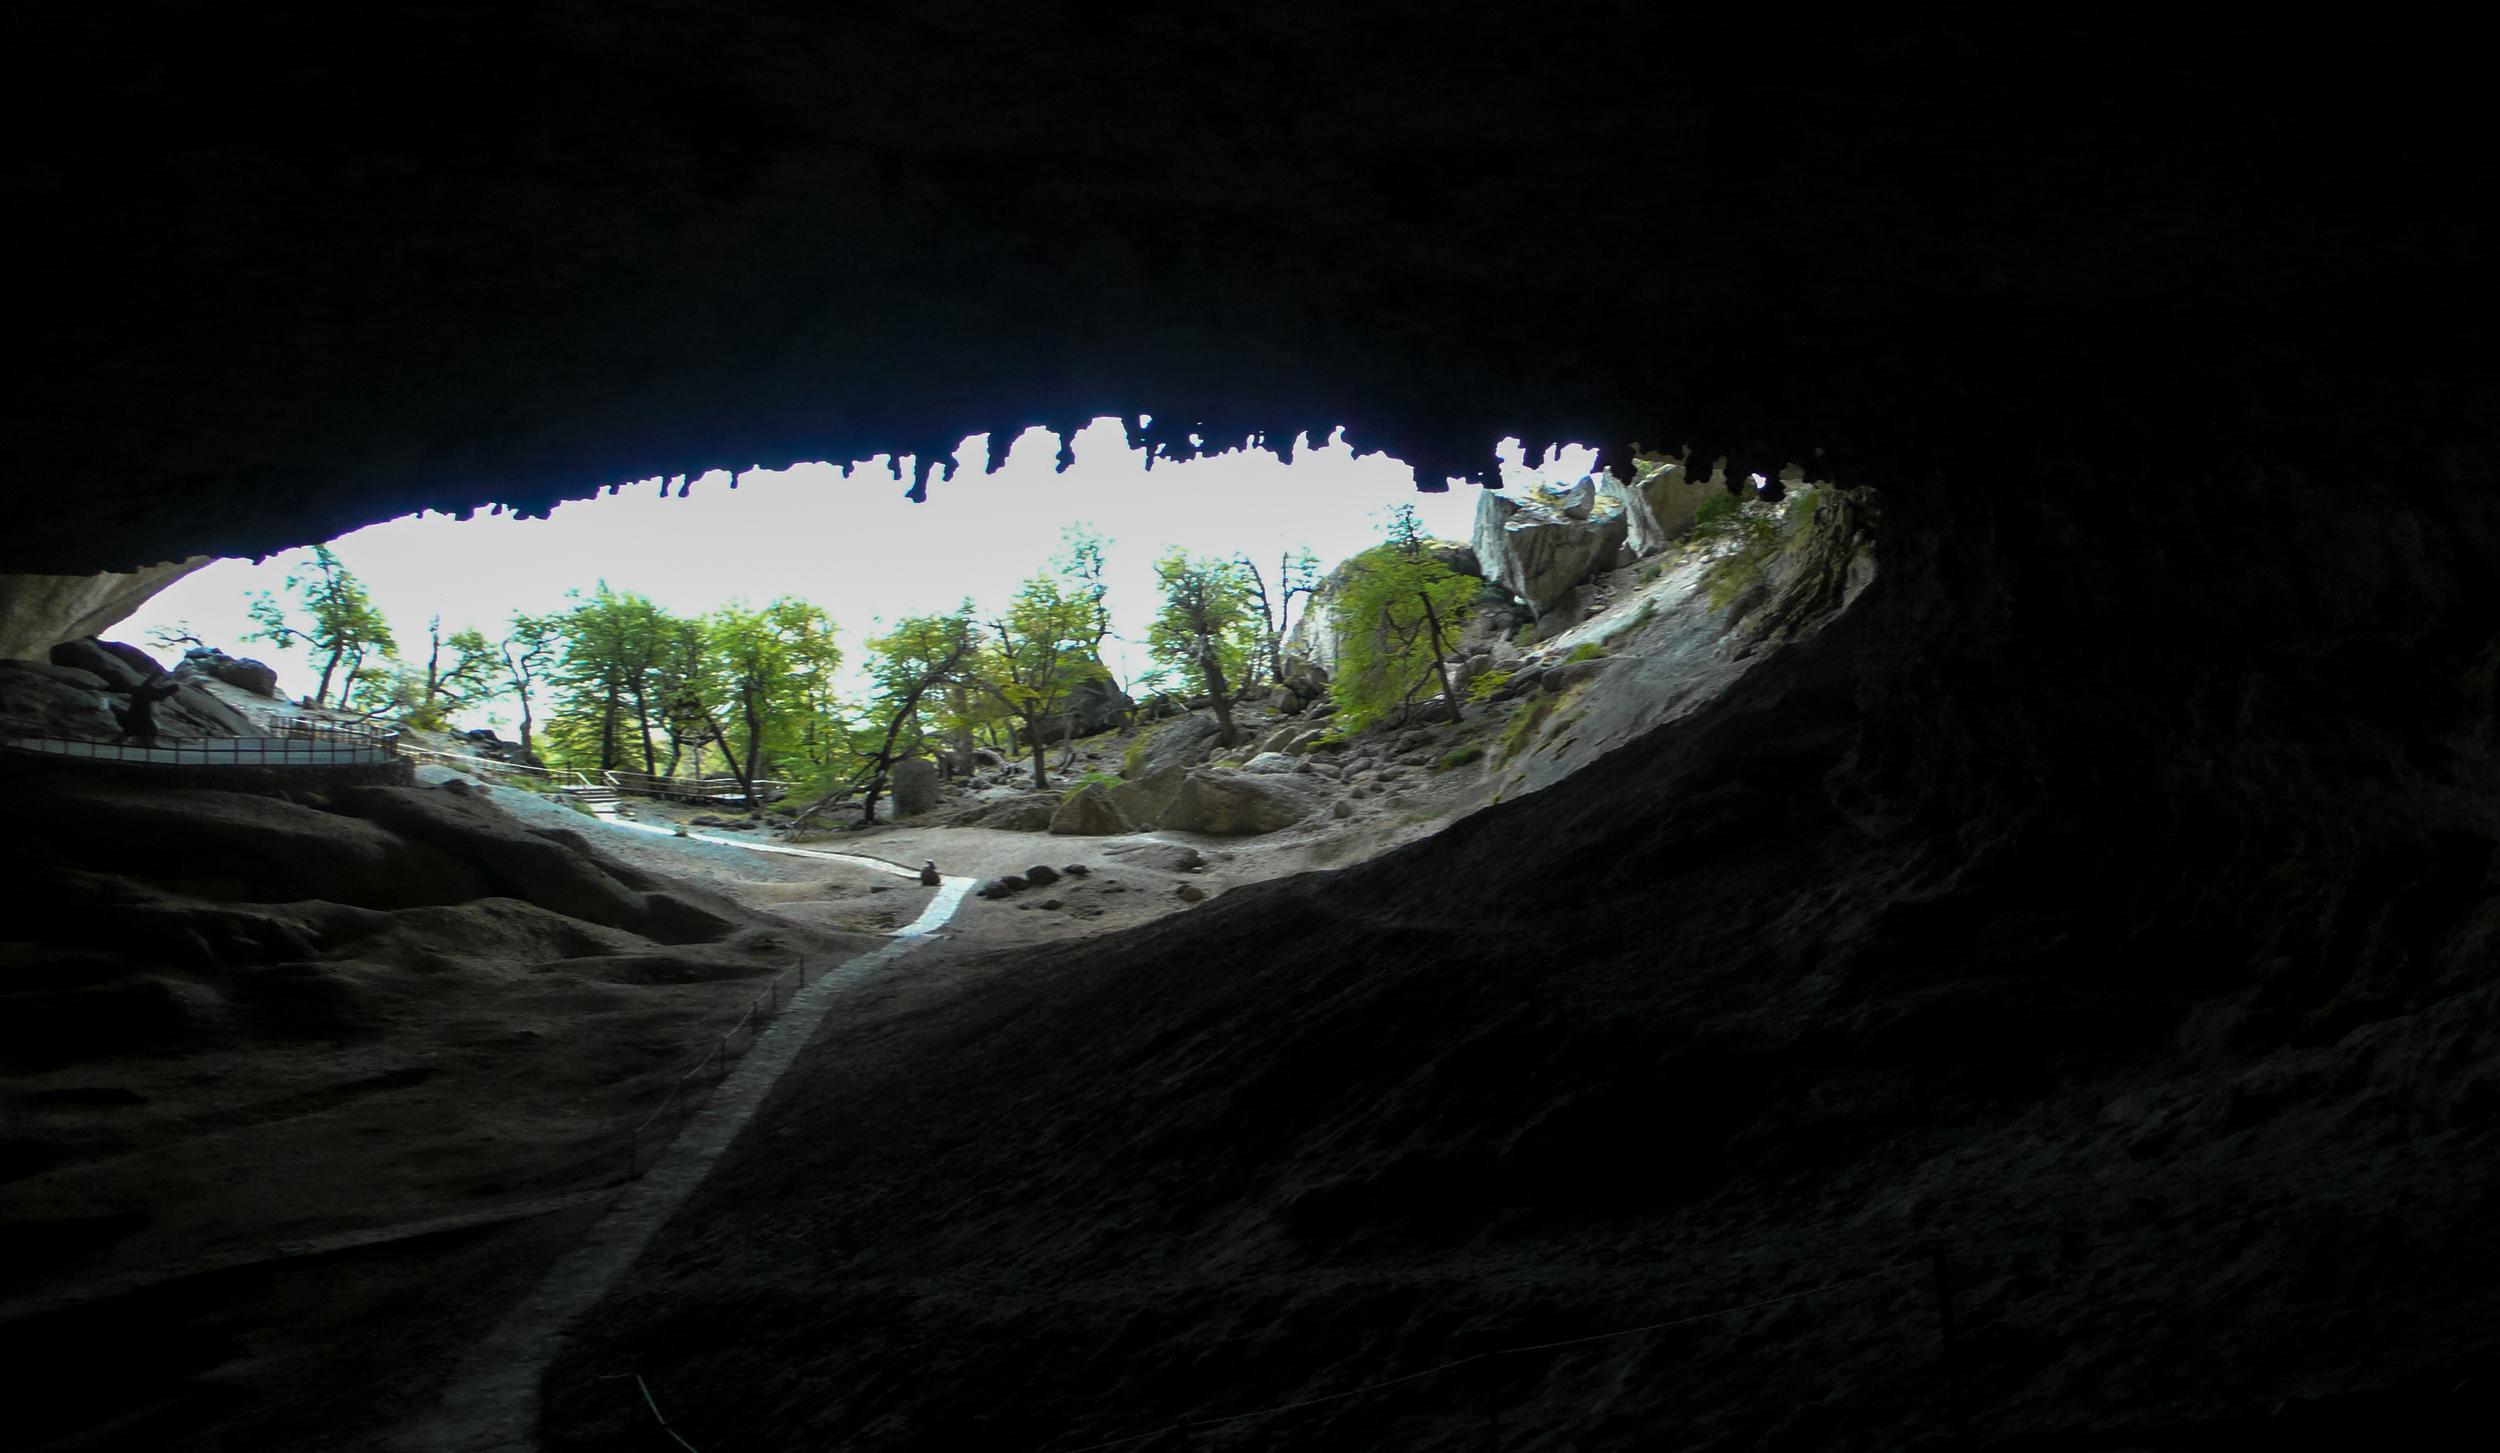 patagoniacave.jpg